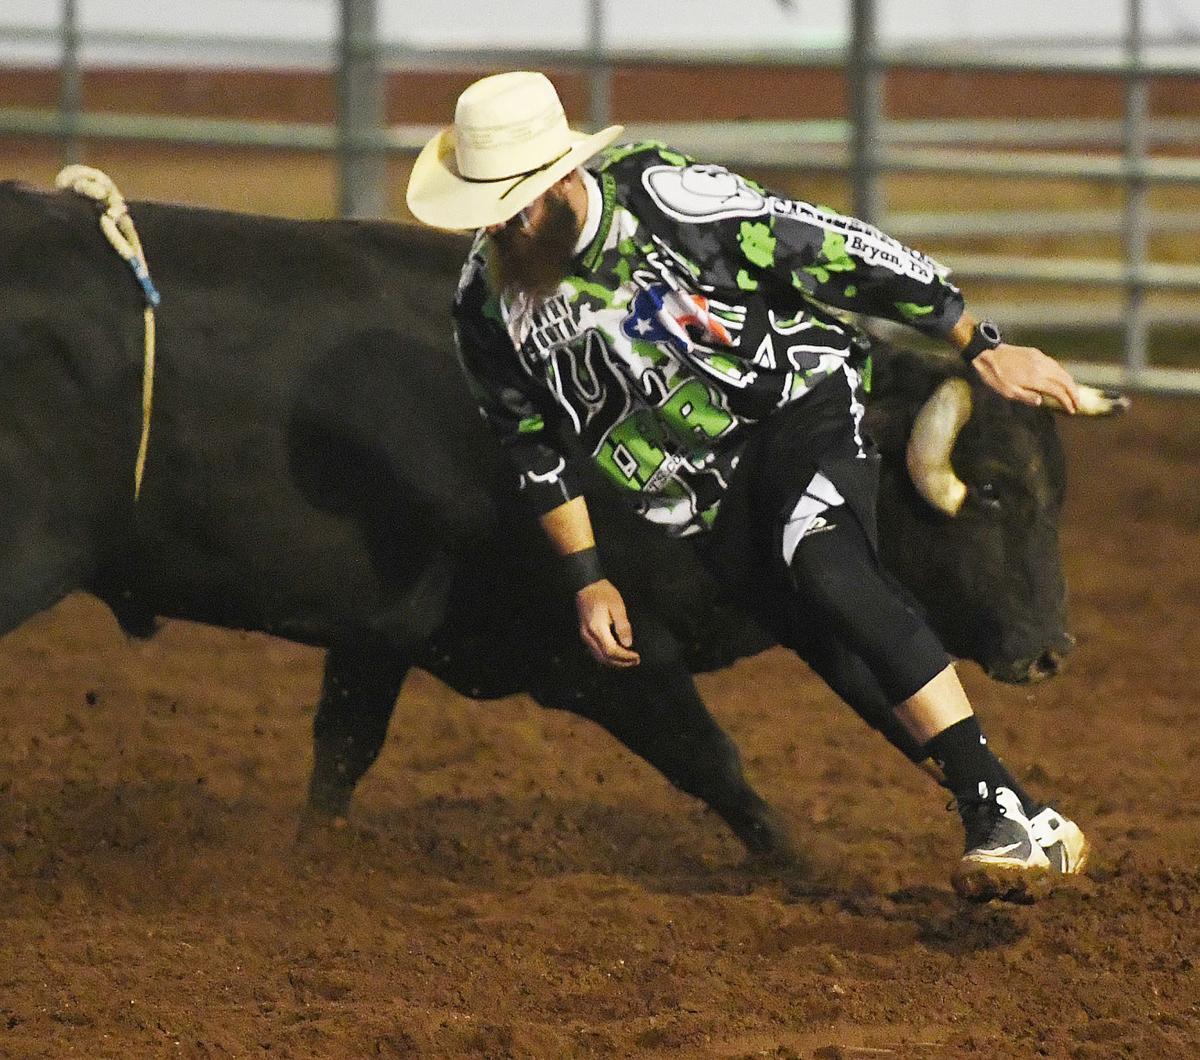 rodeo bullfighter